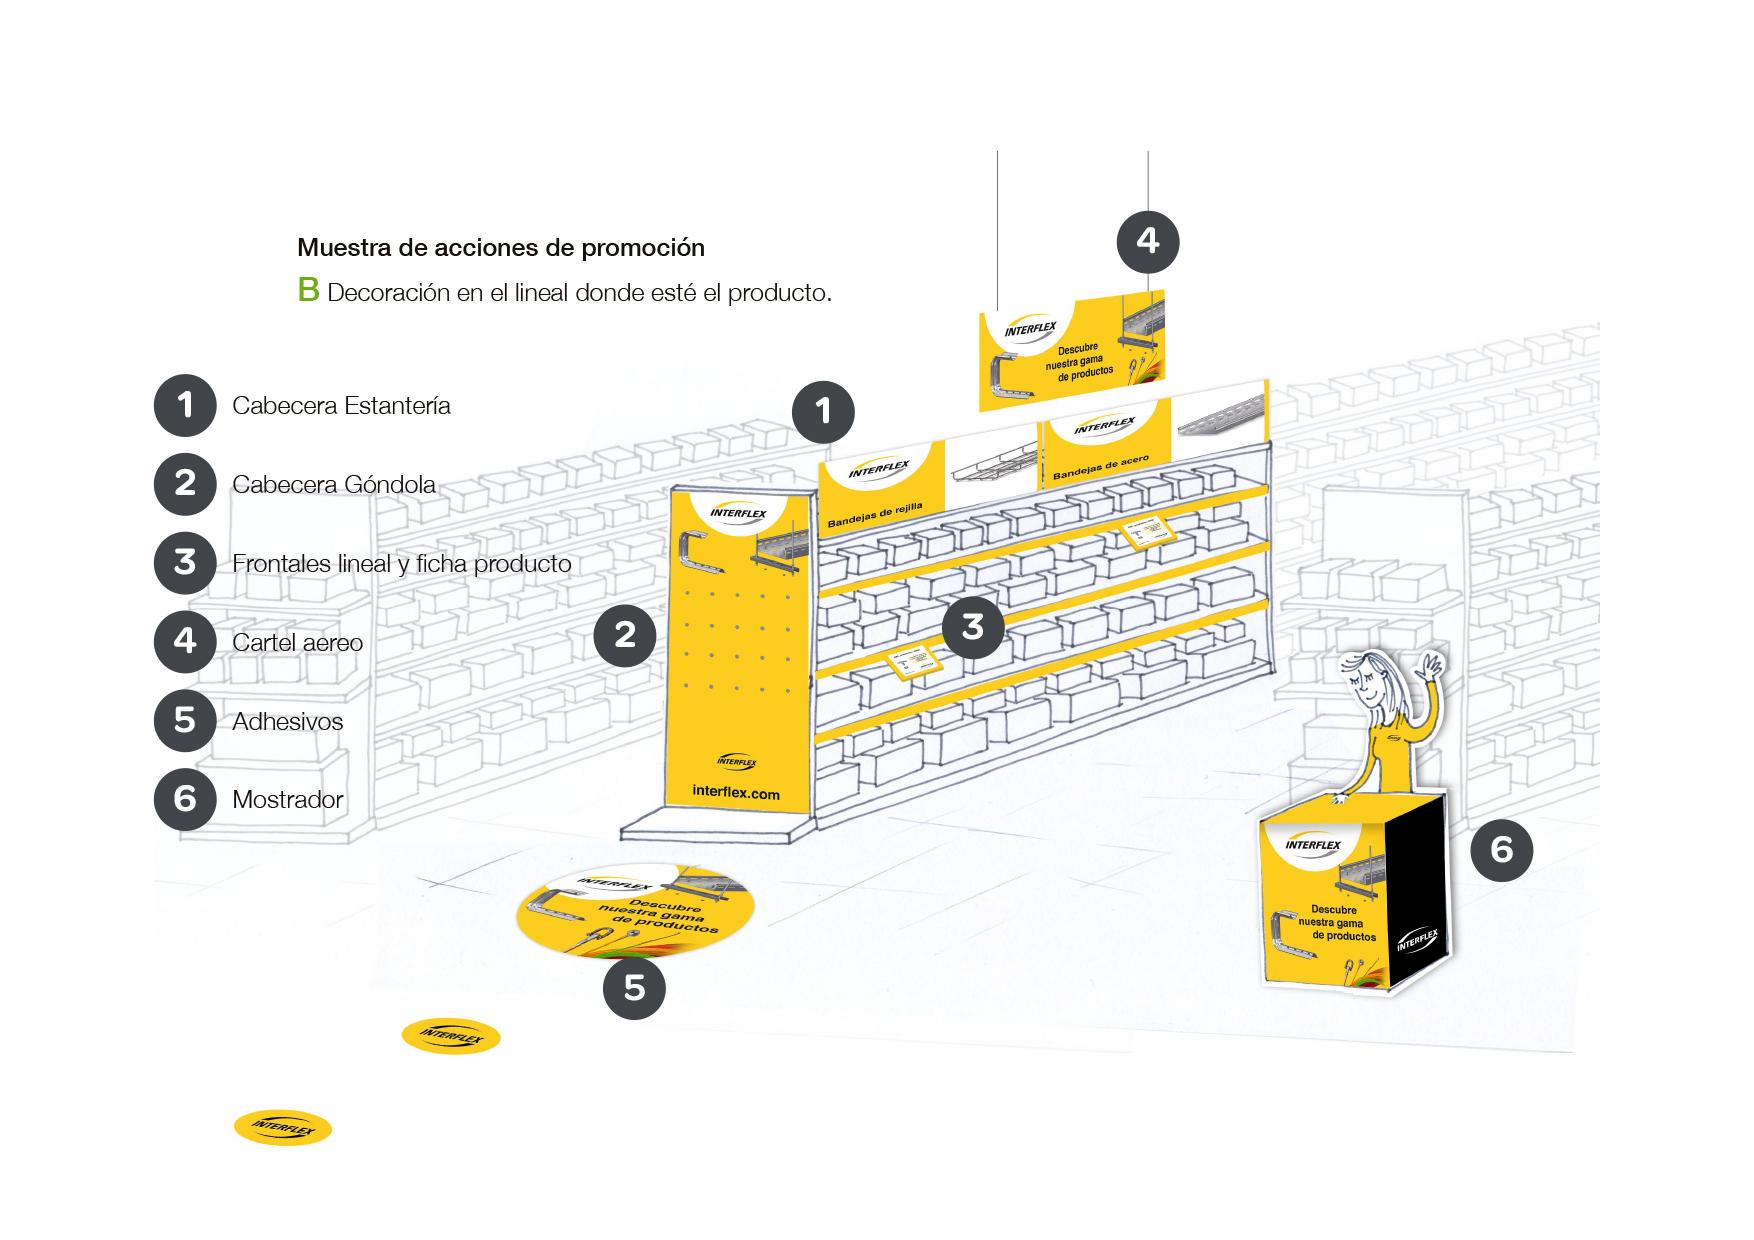 6 Presentacion interflex - La rotulación una inversión que genera beneficios